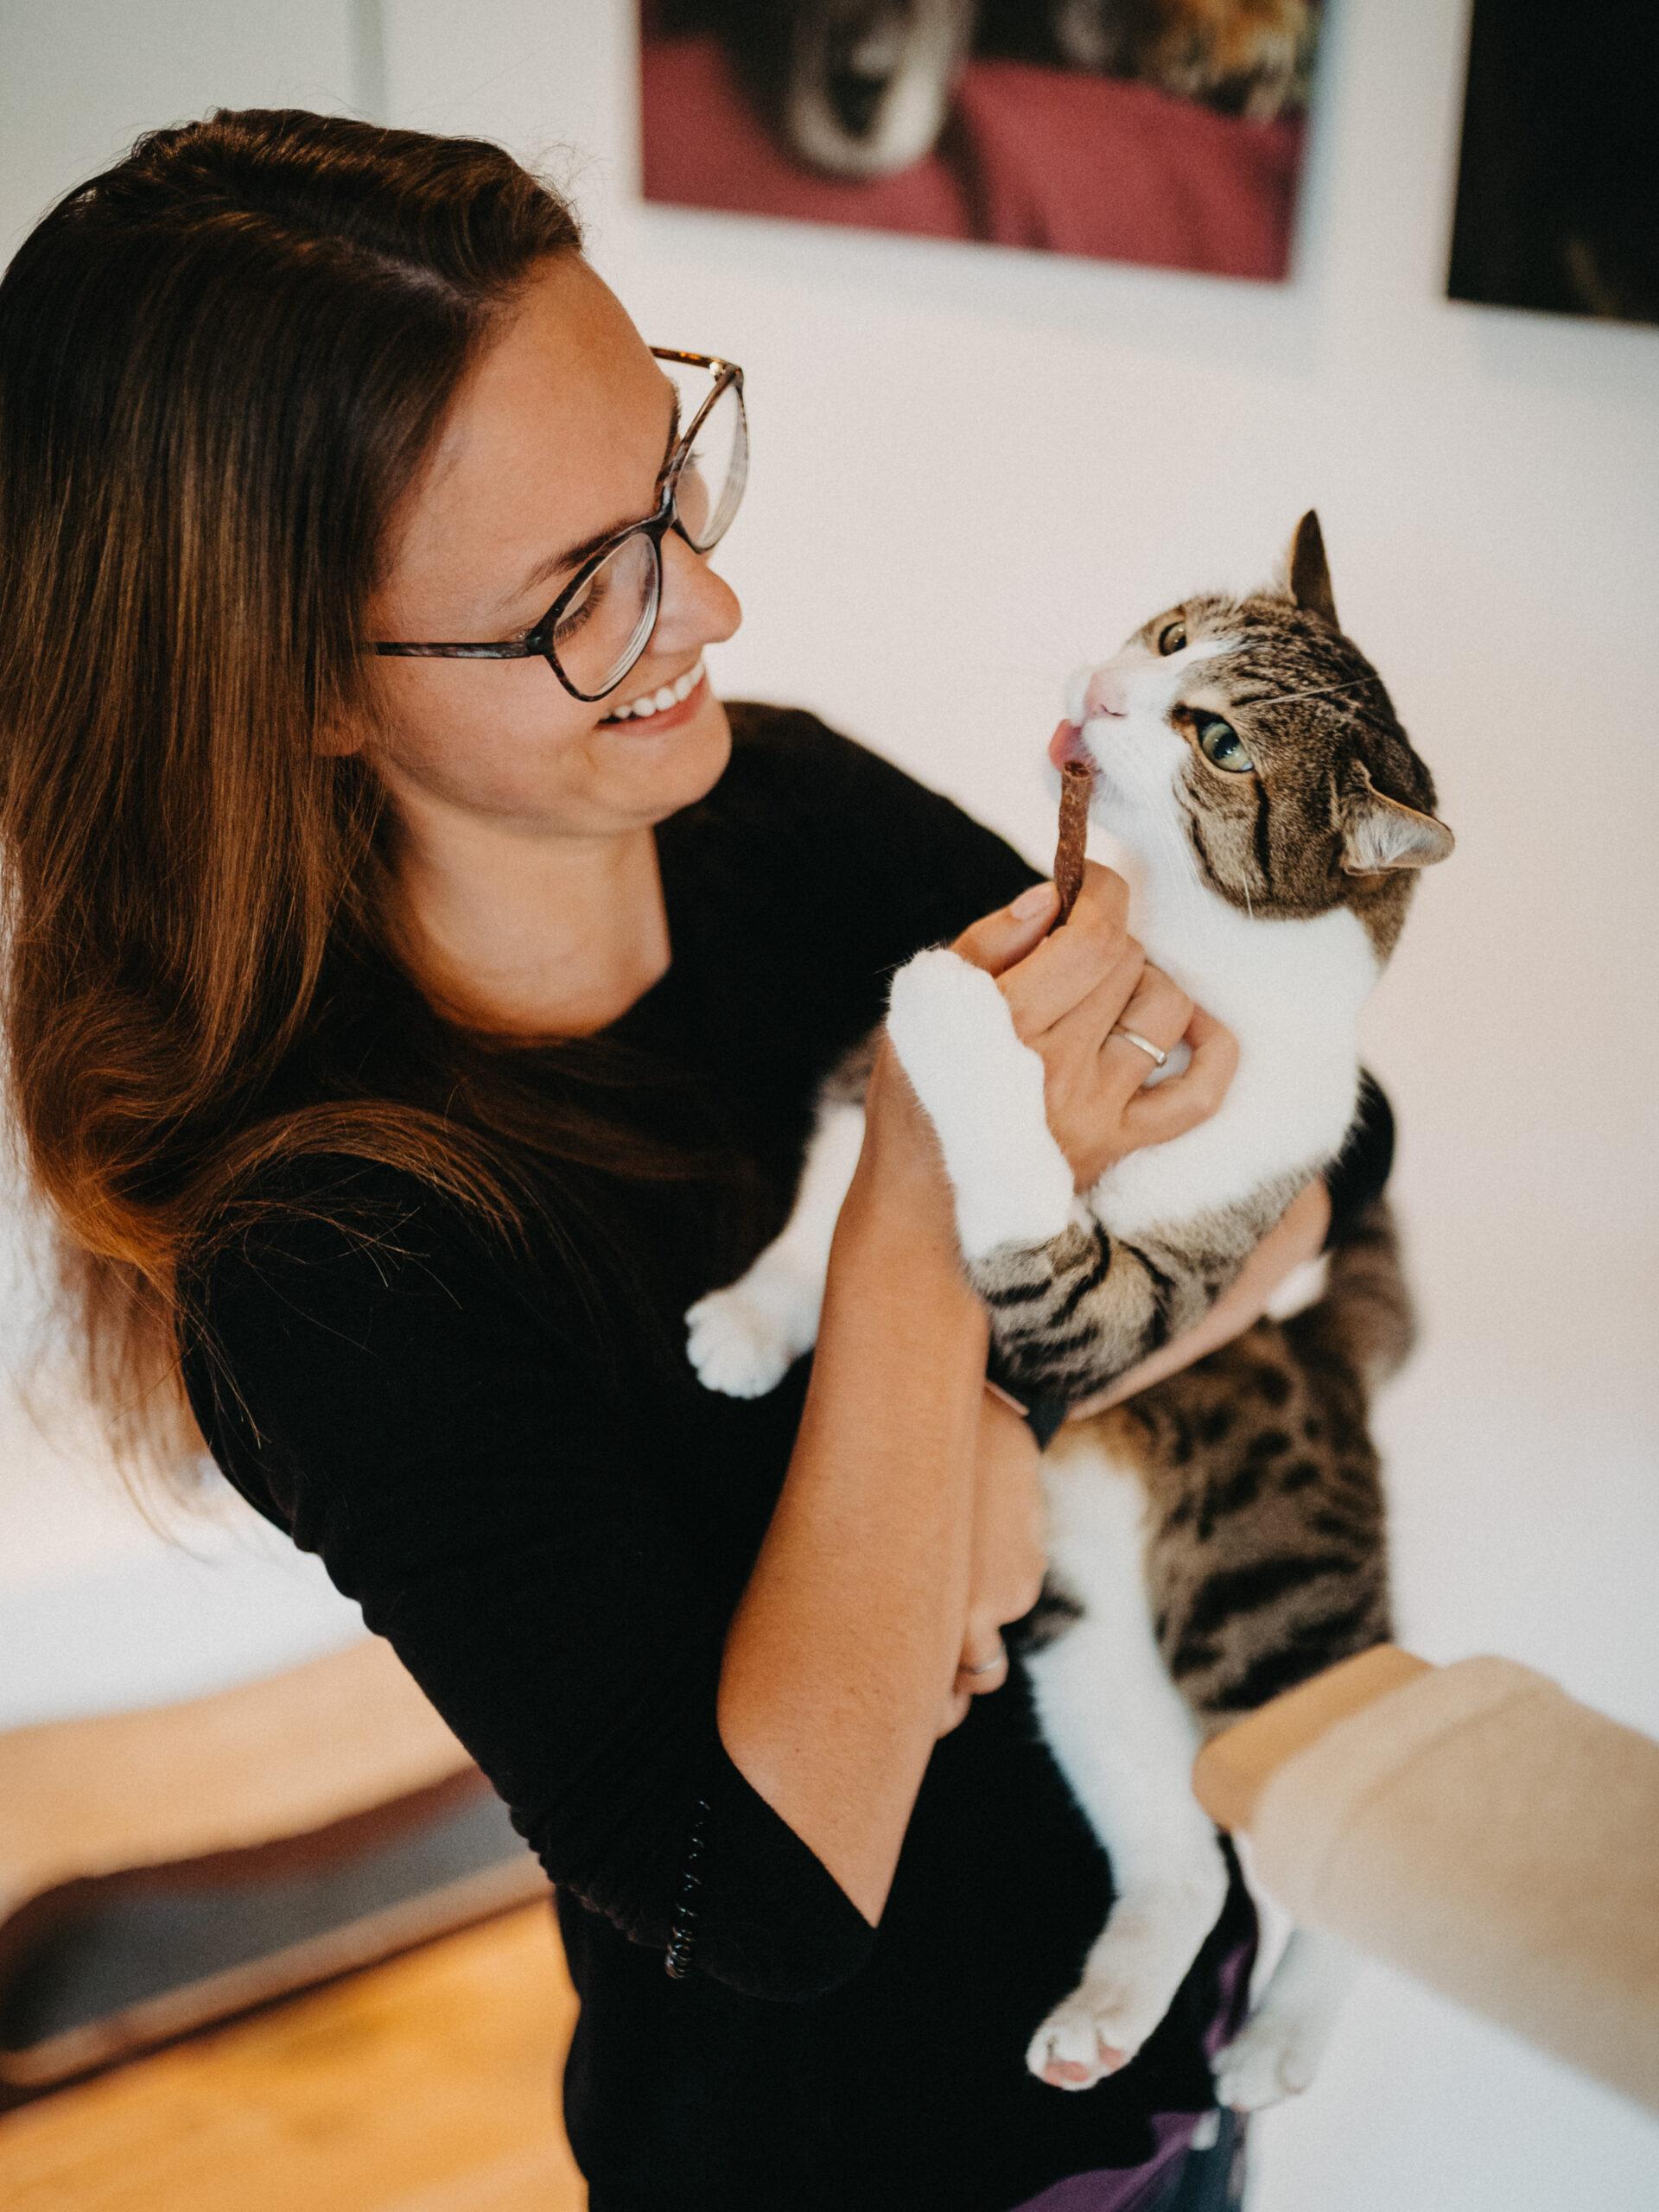 Tierschutzverein Eichstätt e. V. (1)